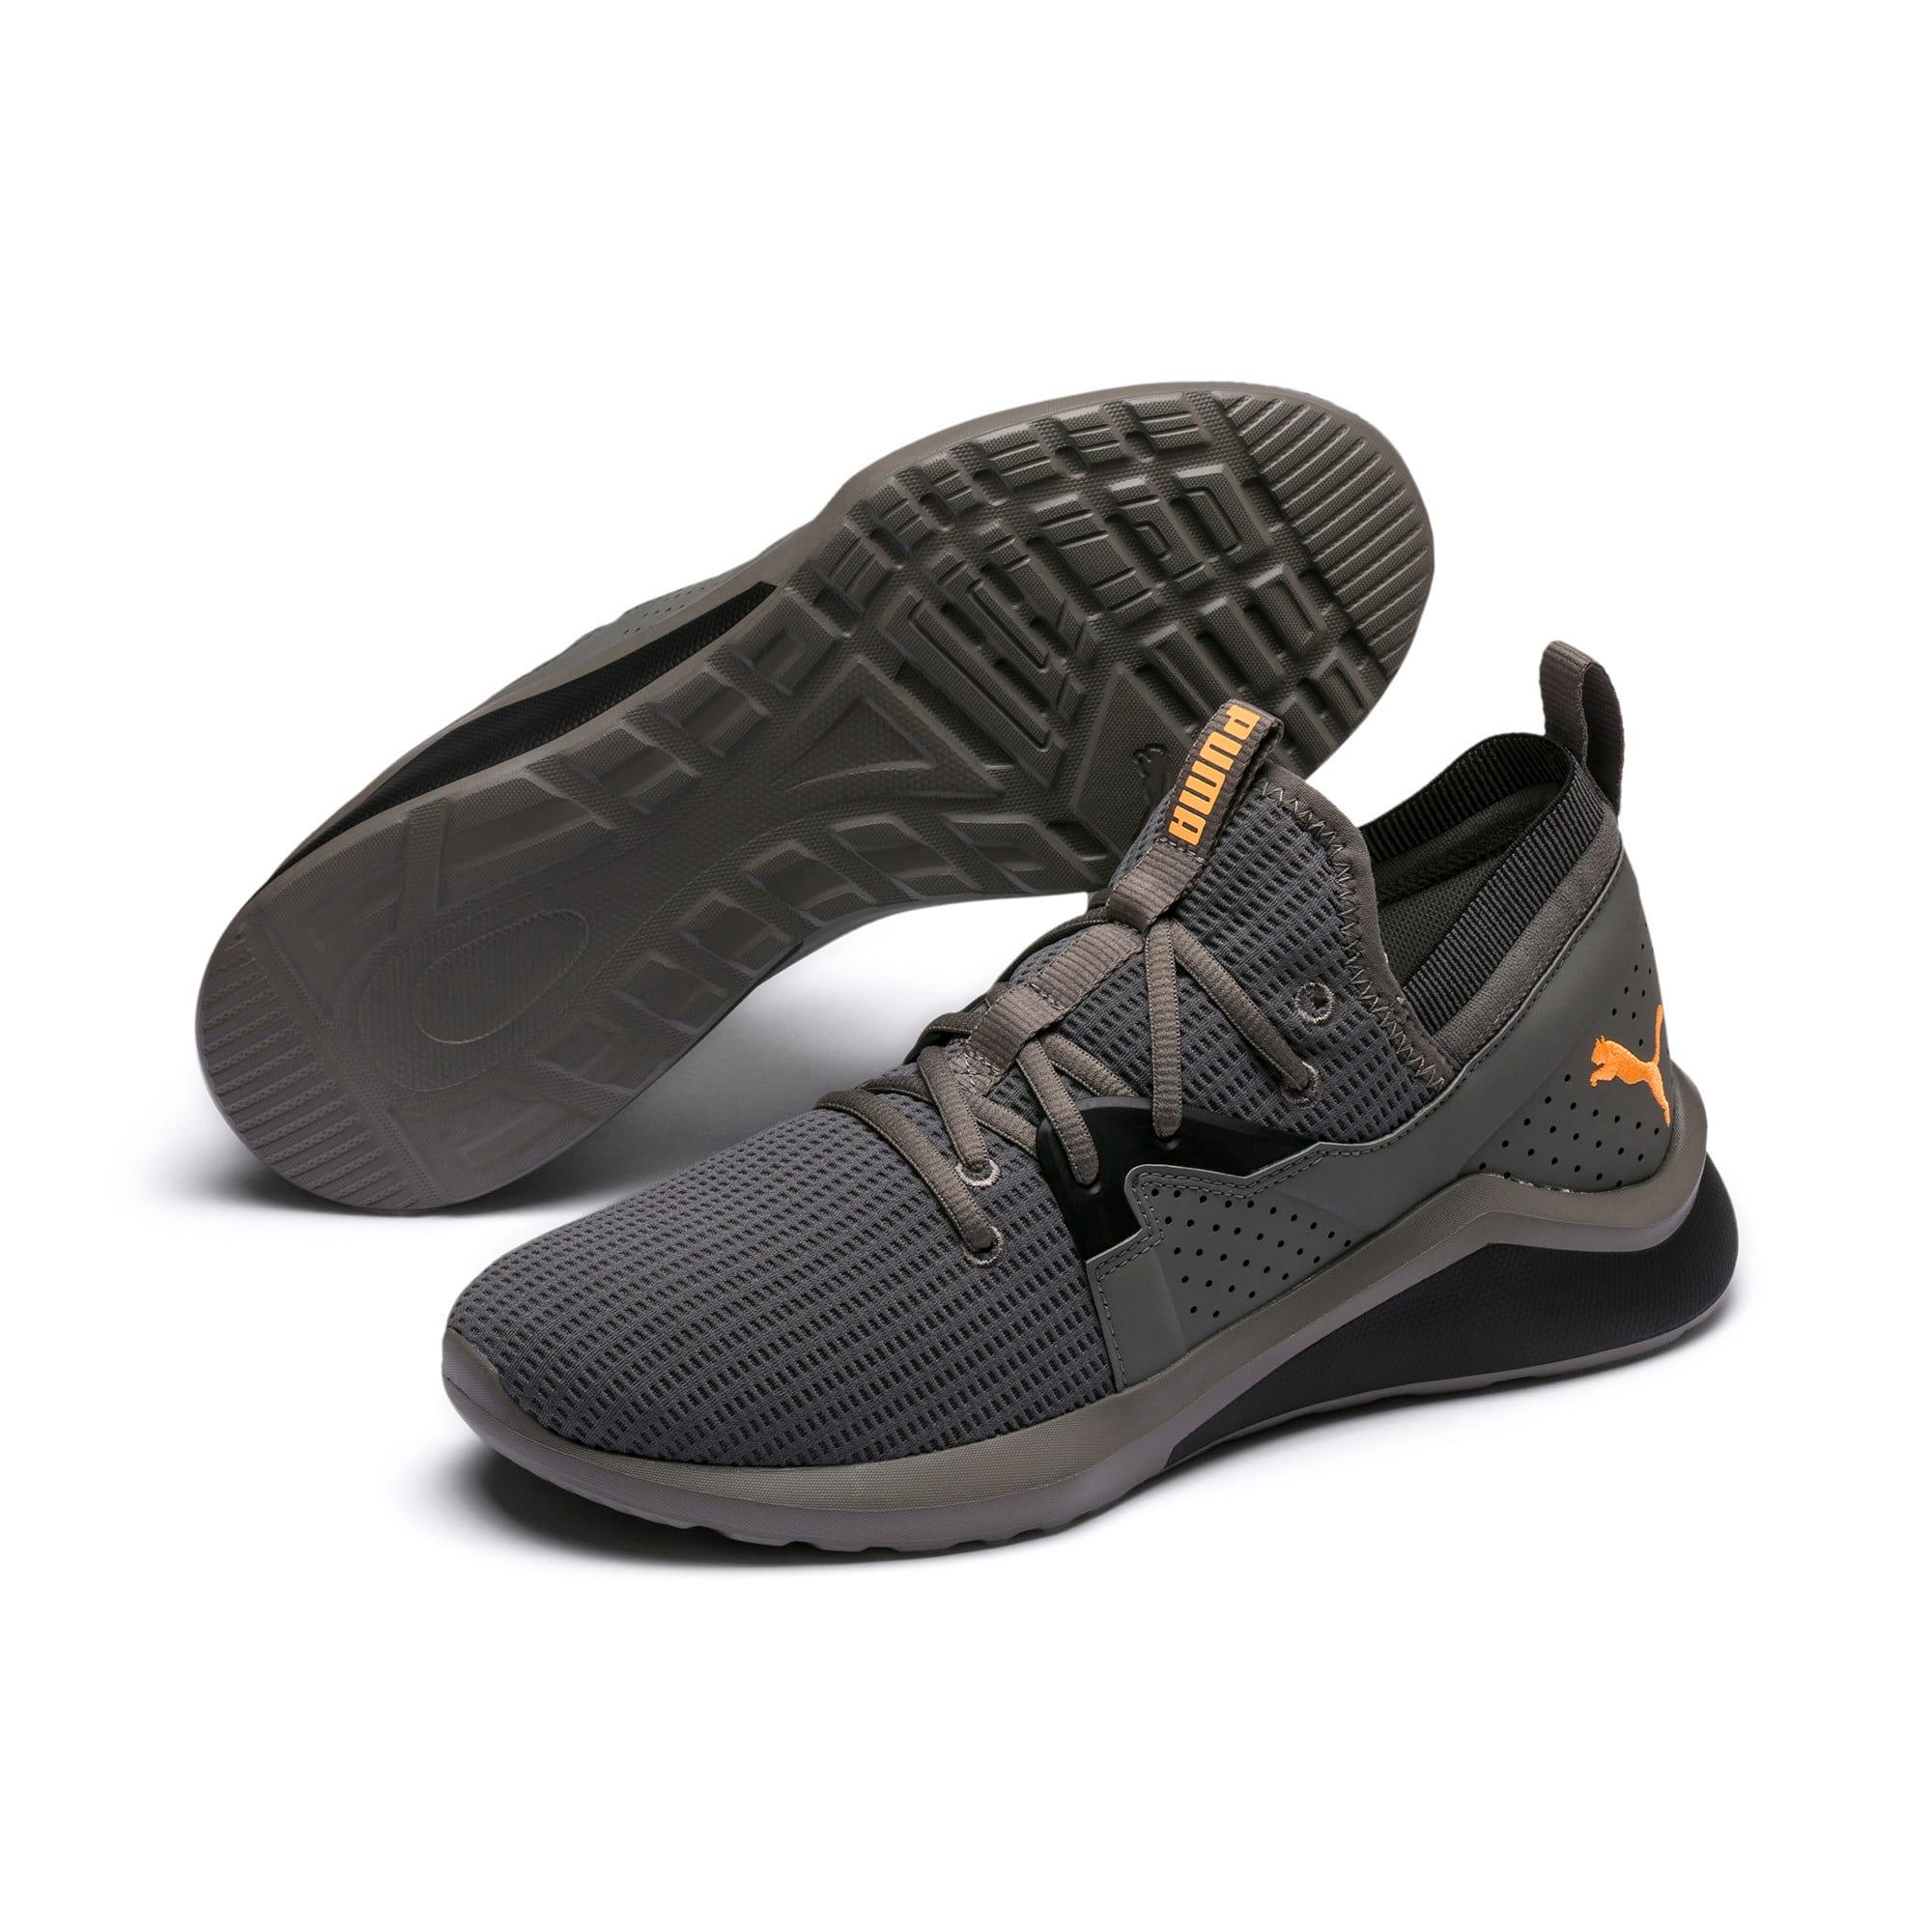 Miniatura 1 de Zapatos de entrenamiento Emergence Future para hombre, Charcoal Gray-Black-Orange, mediano